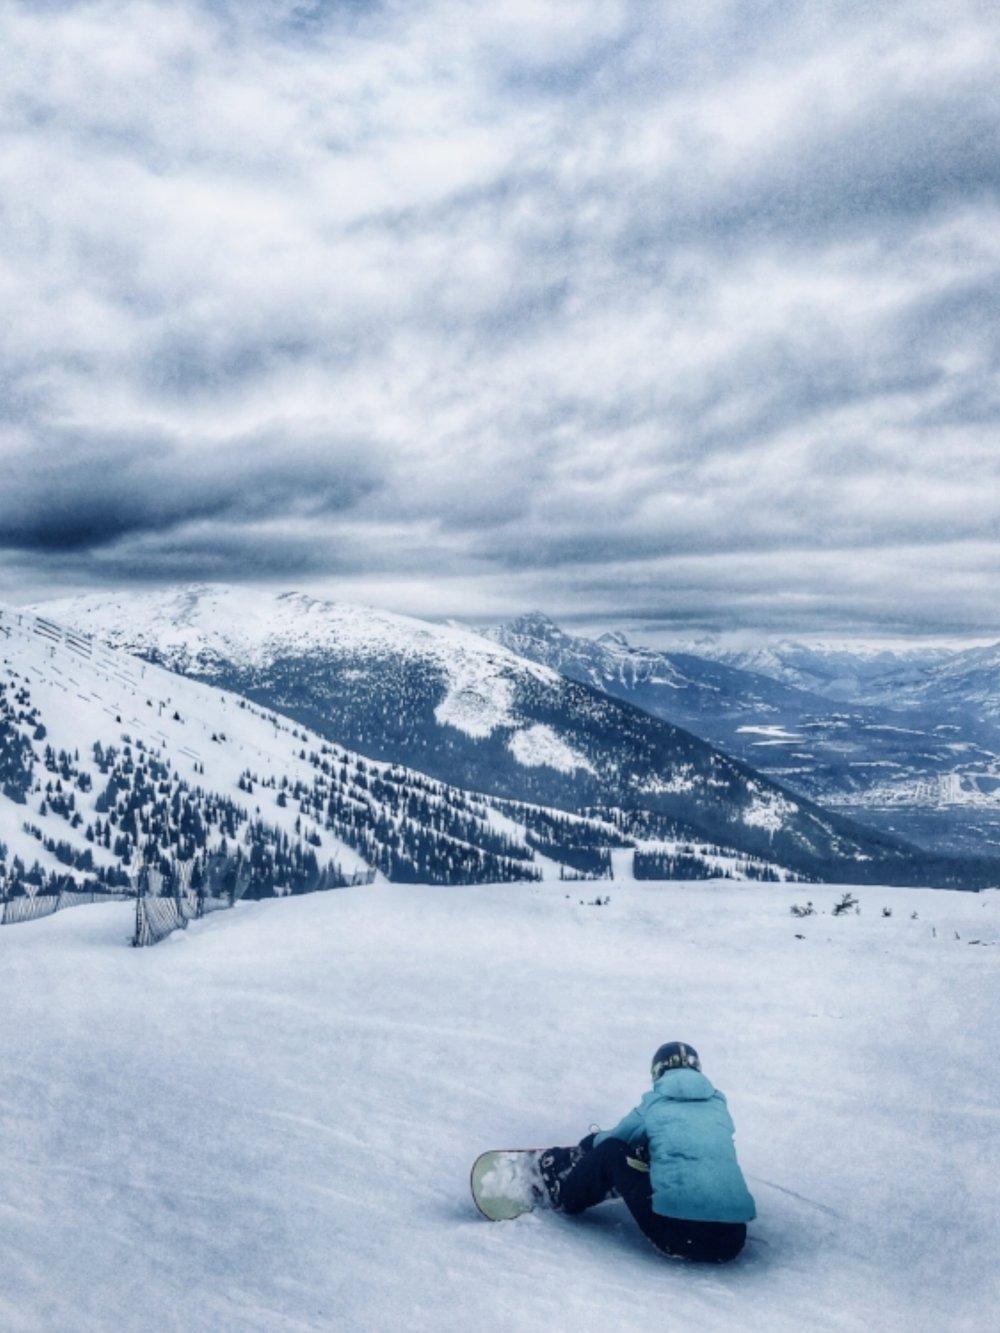 The incredible views while skiing at Marmot Basin